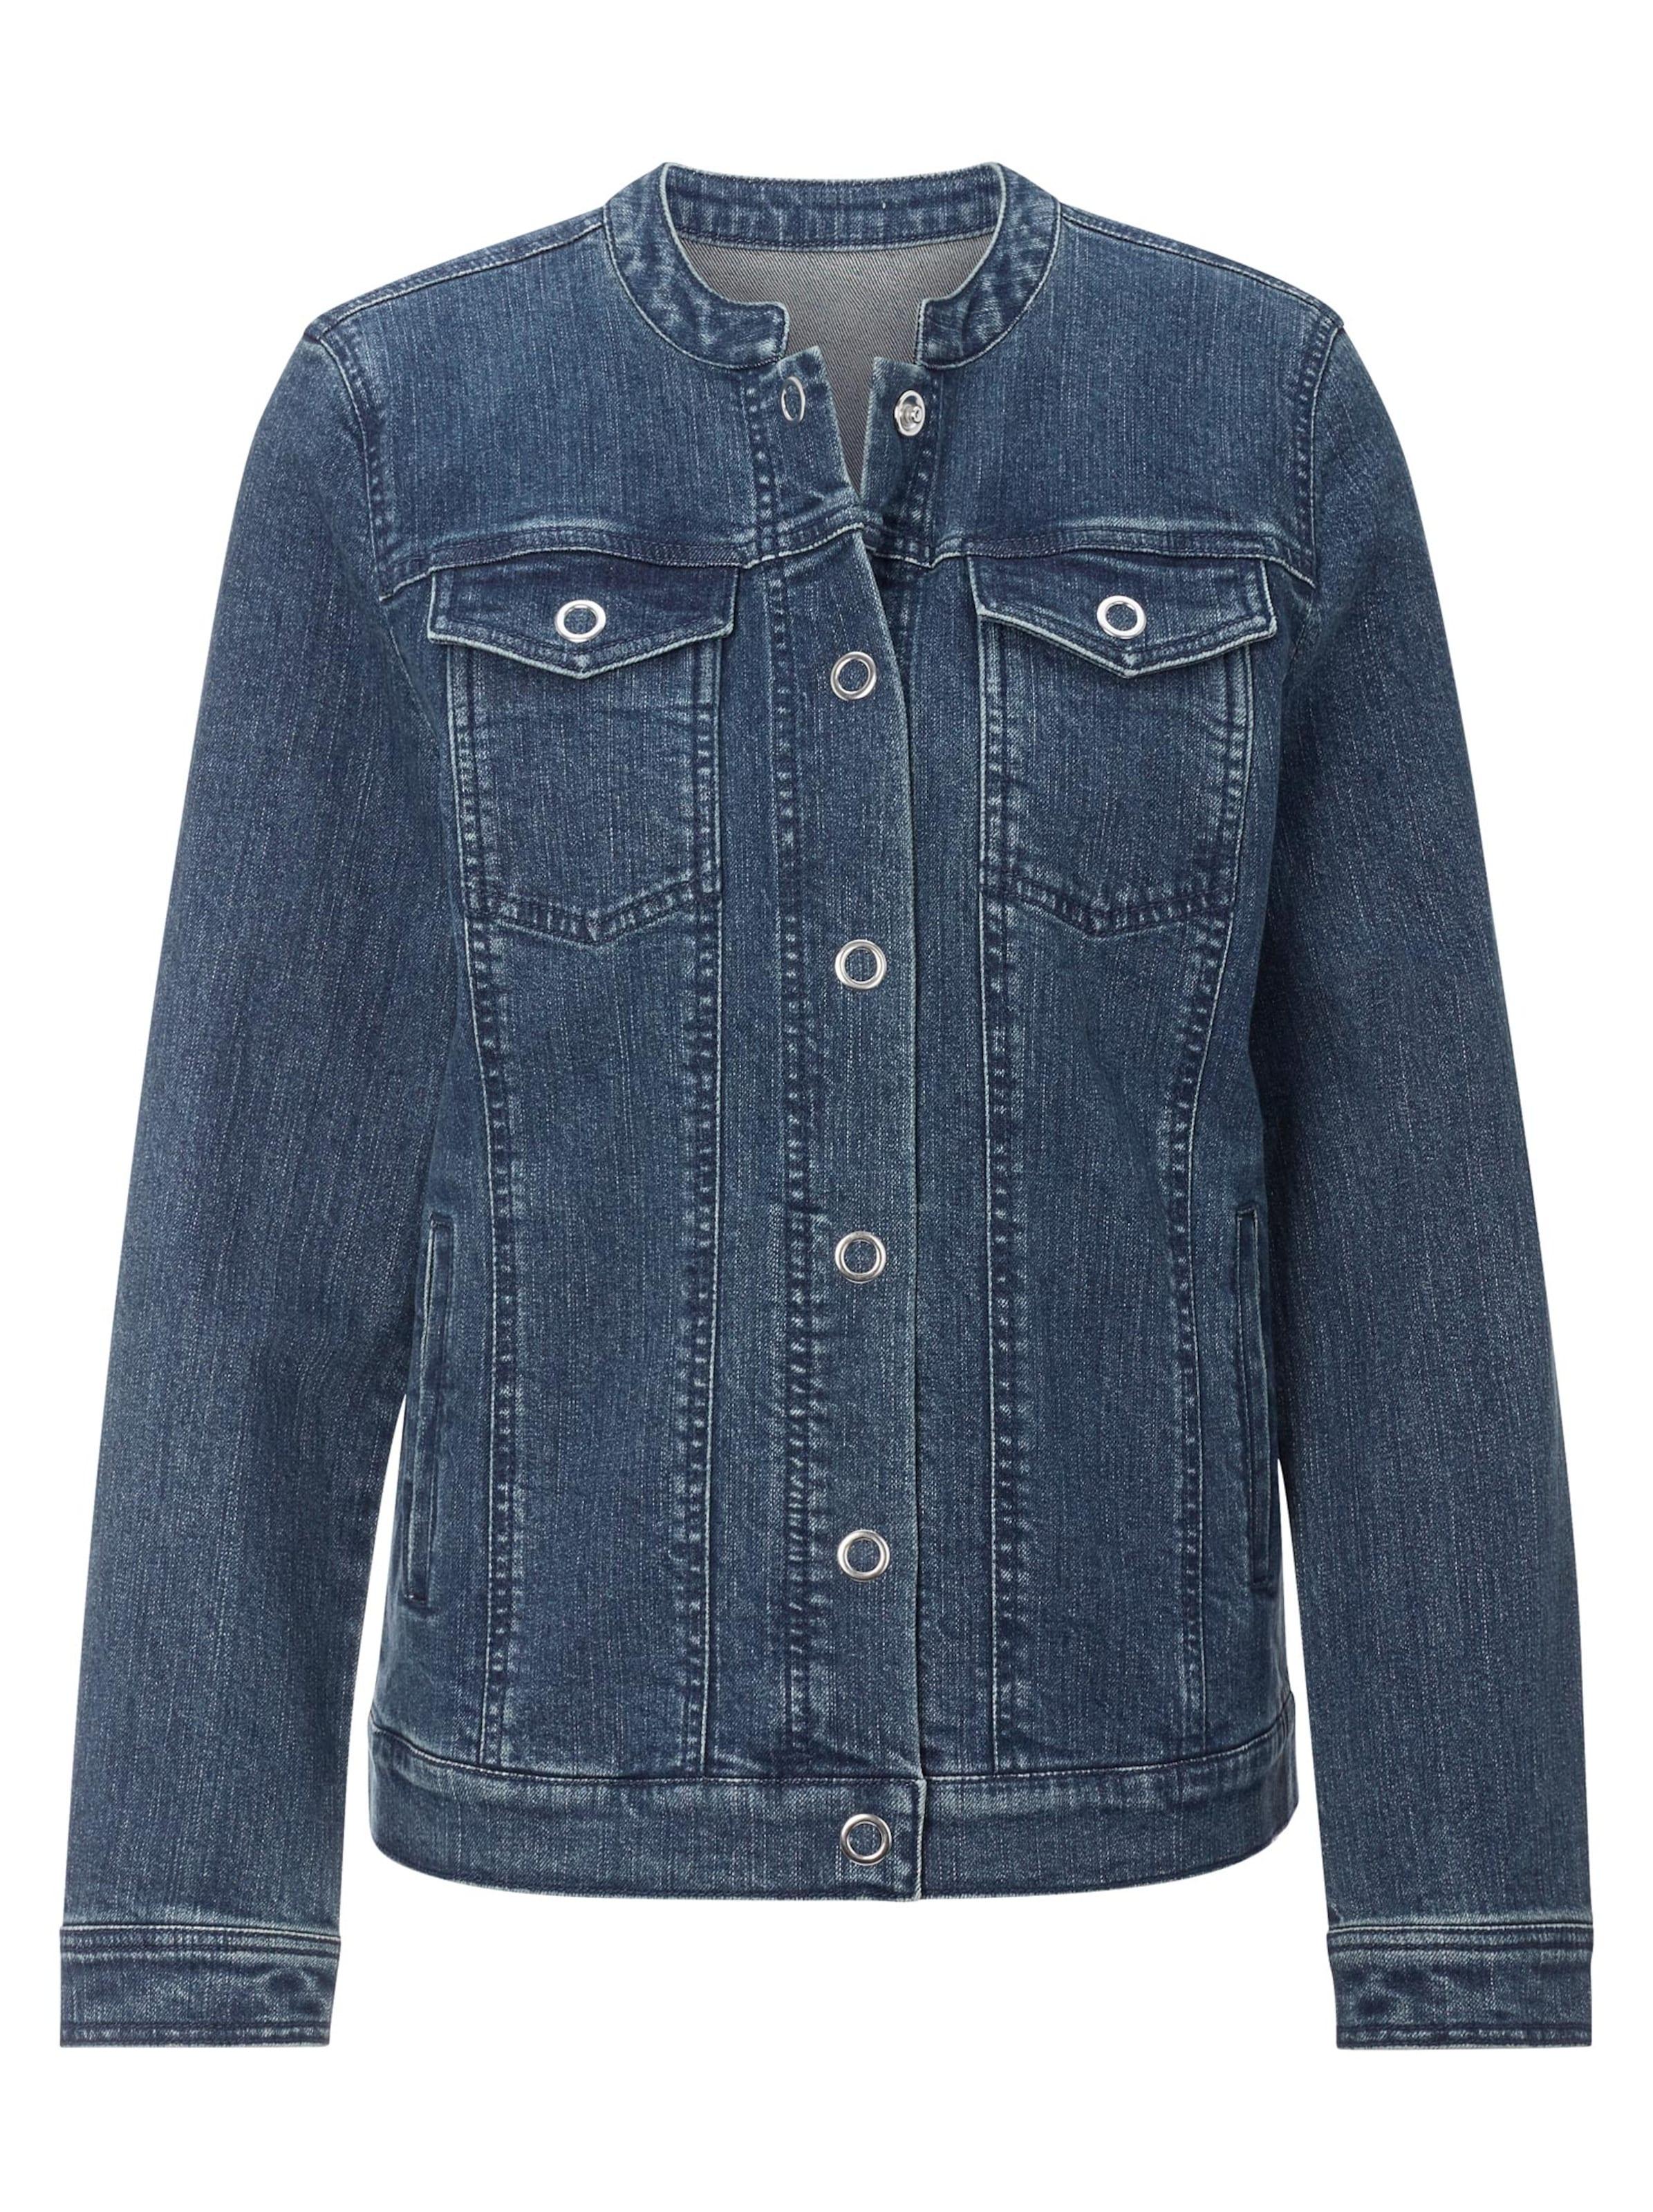 witt weiden -  Damen Jeans-Jacke blue-stone-washed